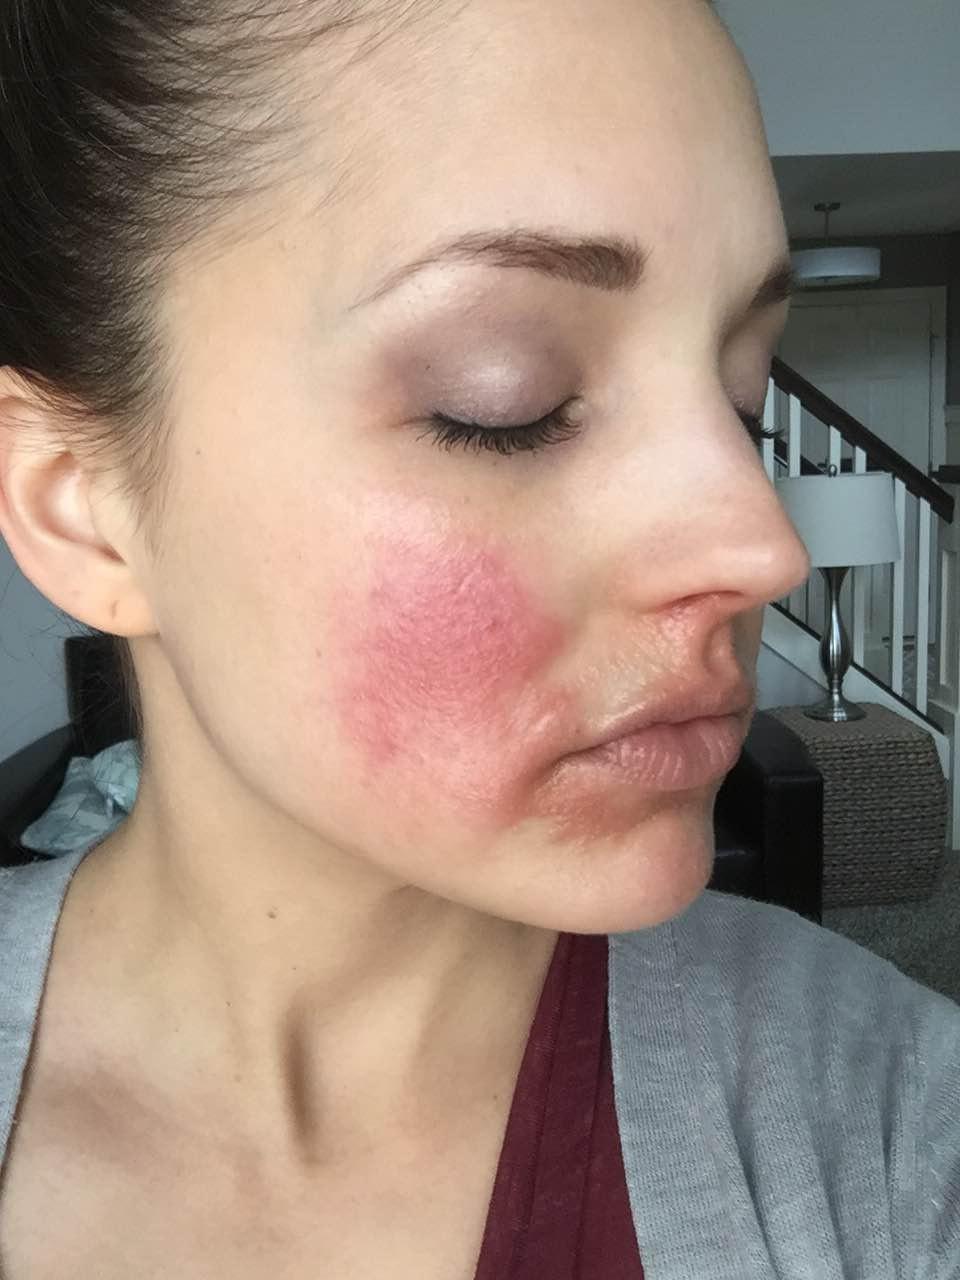 eczema: eczema around nose and chin